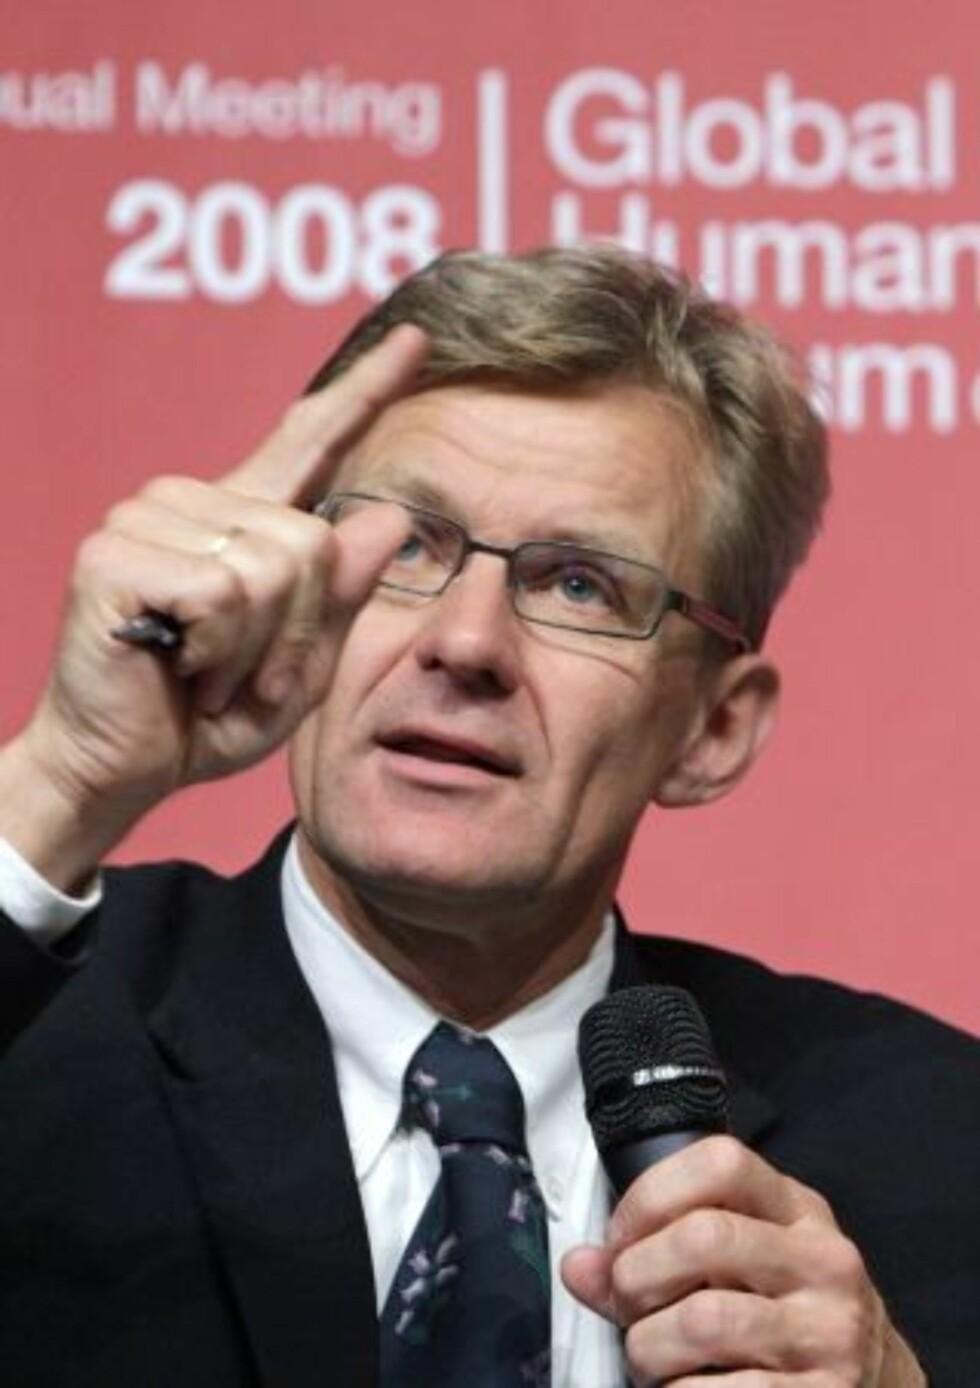 Jan Egeland (bildet) er direktør i NUPI, Mariano Aguirre er direktør ved Det norske fredsbyggingssenter, NOREF. De skriver sammen dagens Agenda i Dagbladet. Foto: SCANPIX/AP